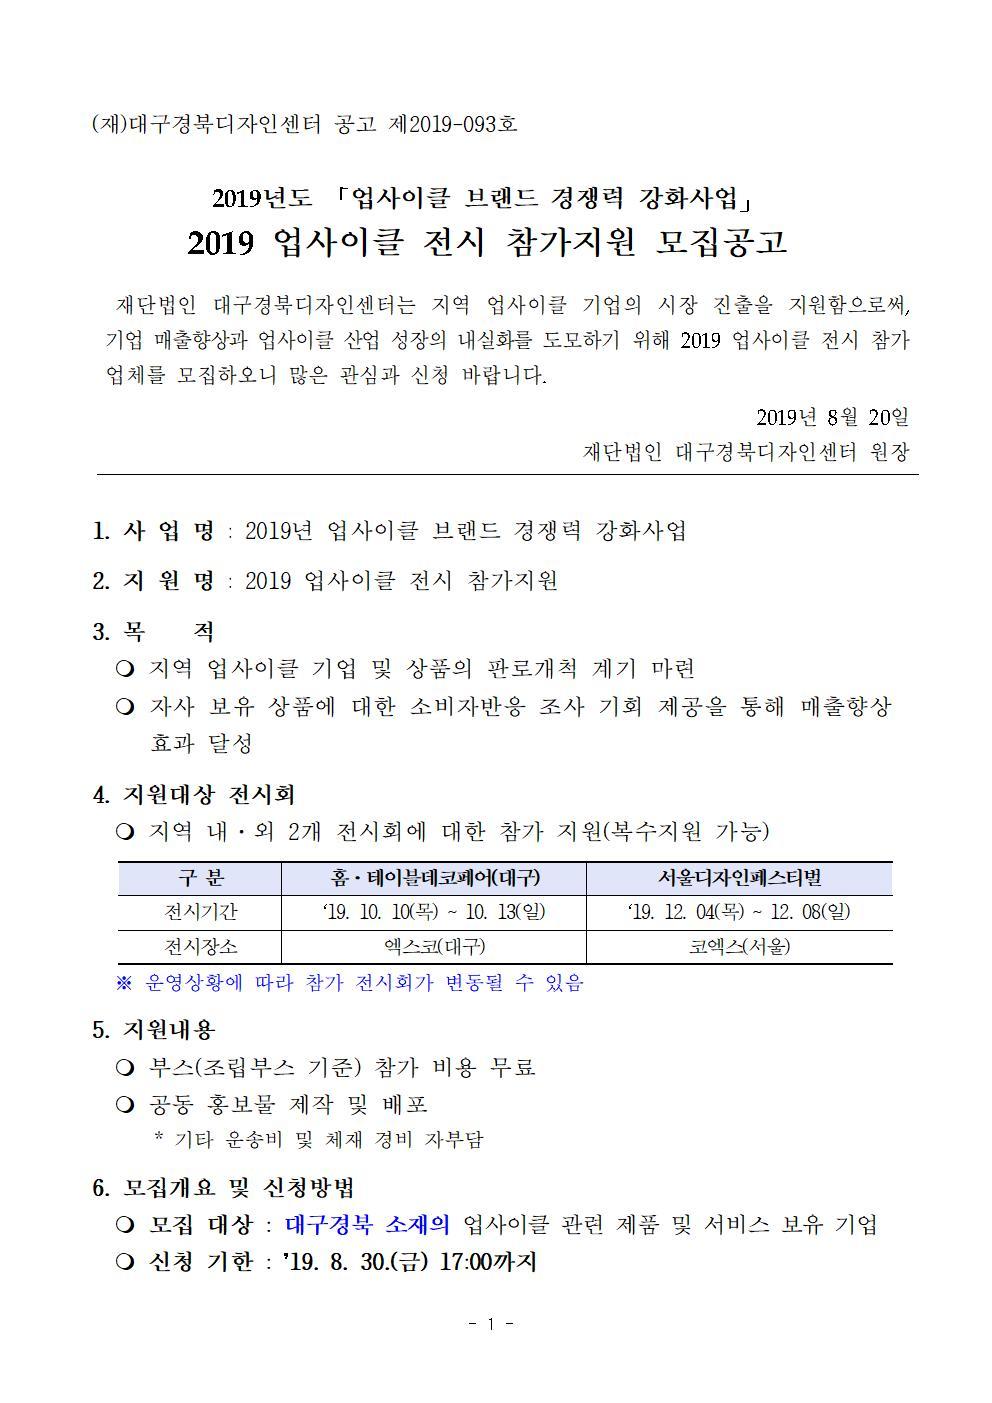 2019 업사이클 전시 참가지원 모집공고001.jpg